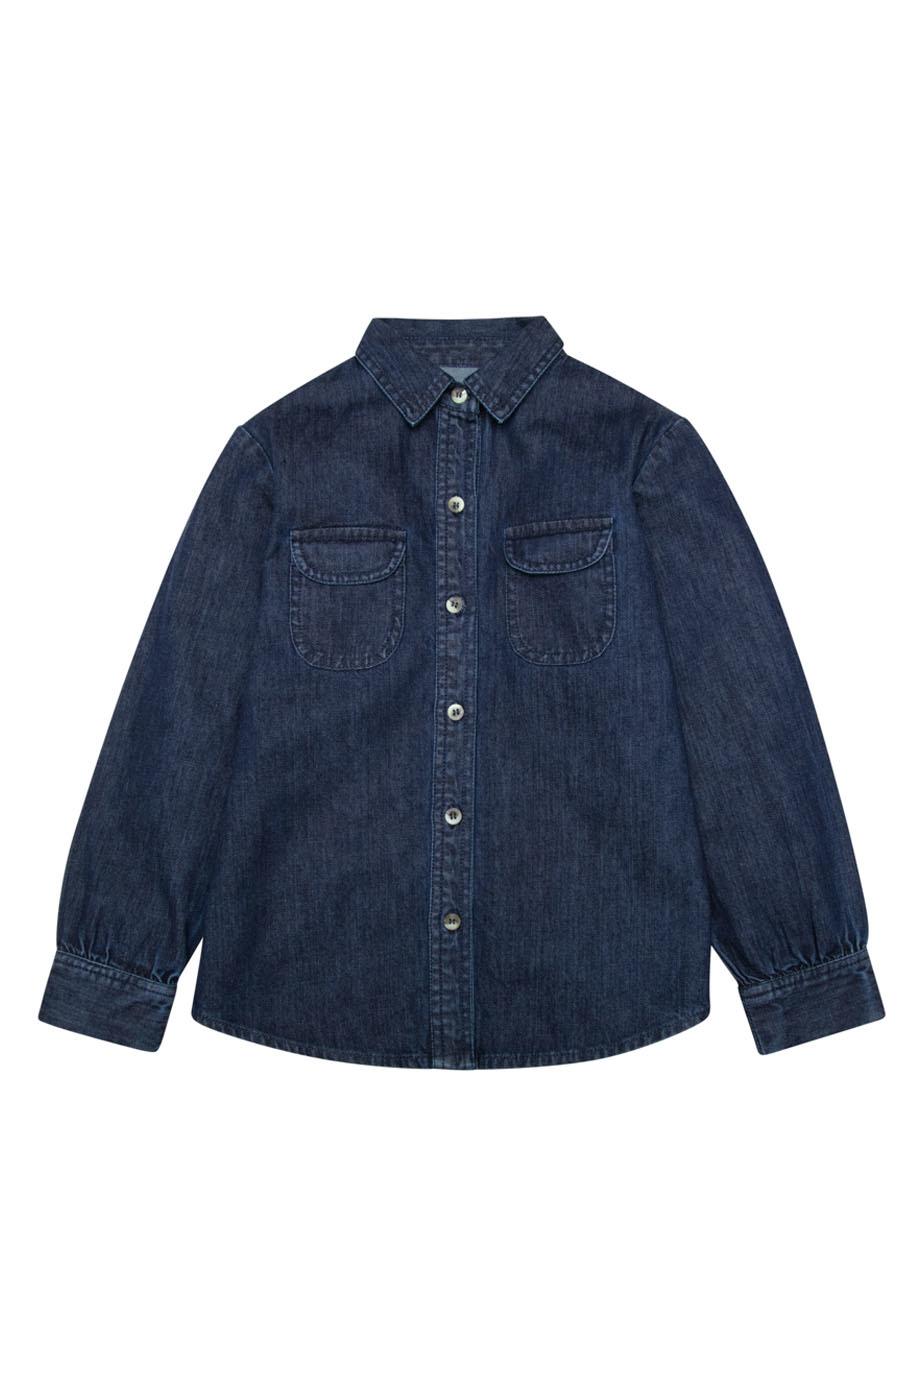 Milosh denim shirt-1